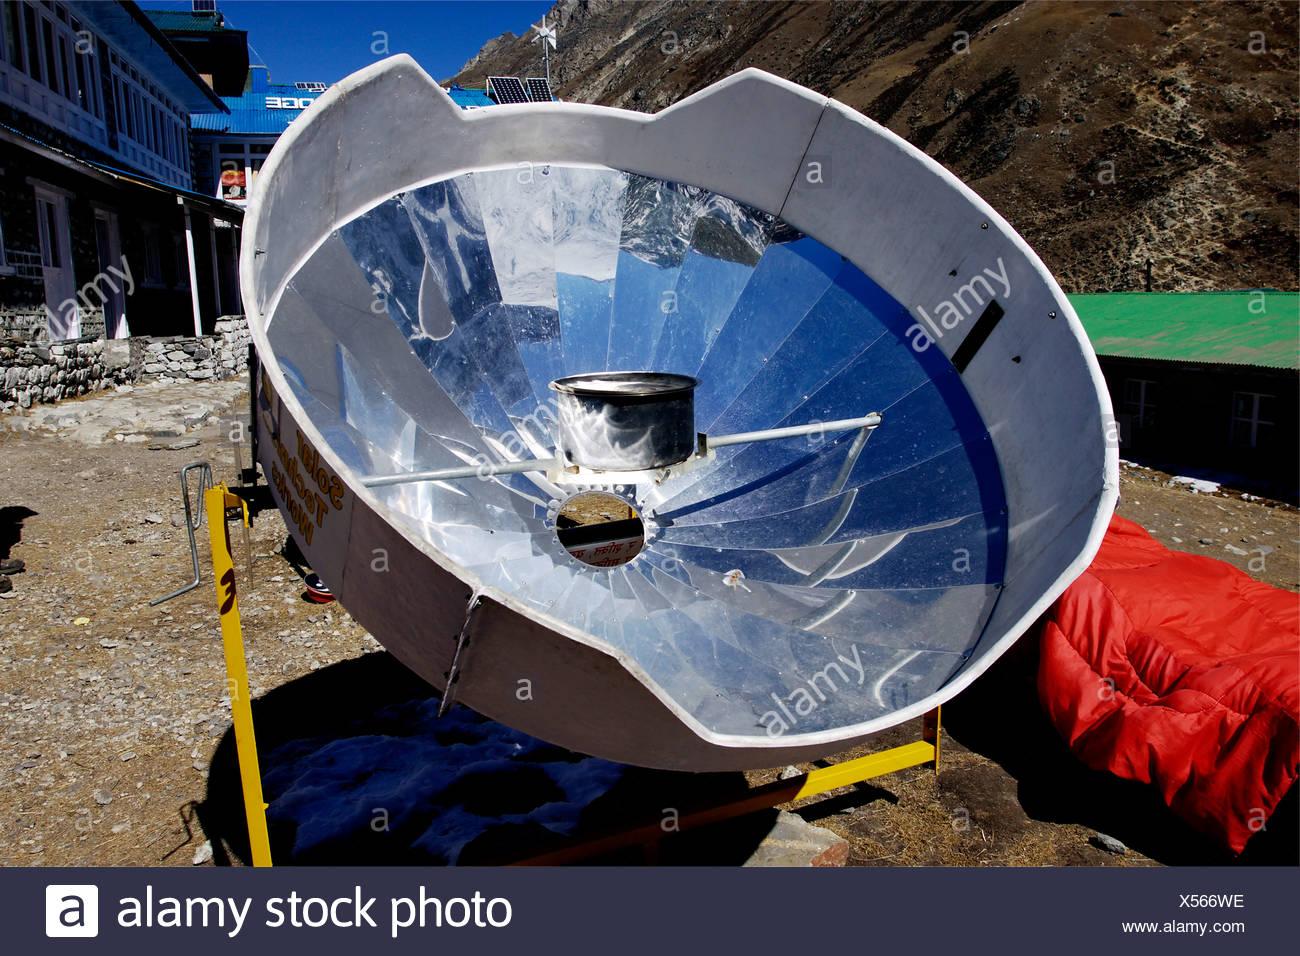 Miroir solaire pour le chauffage de l'eau, Khumbu, Gokyo, parc national de Sagarmatha (Népal, Asie Photo Stock